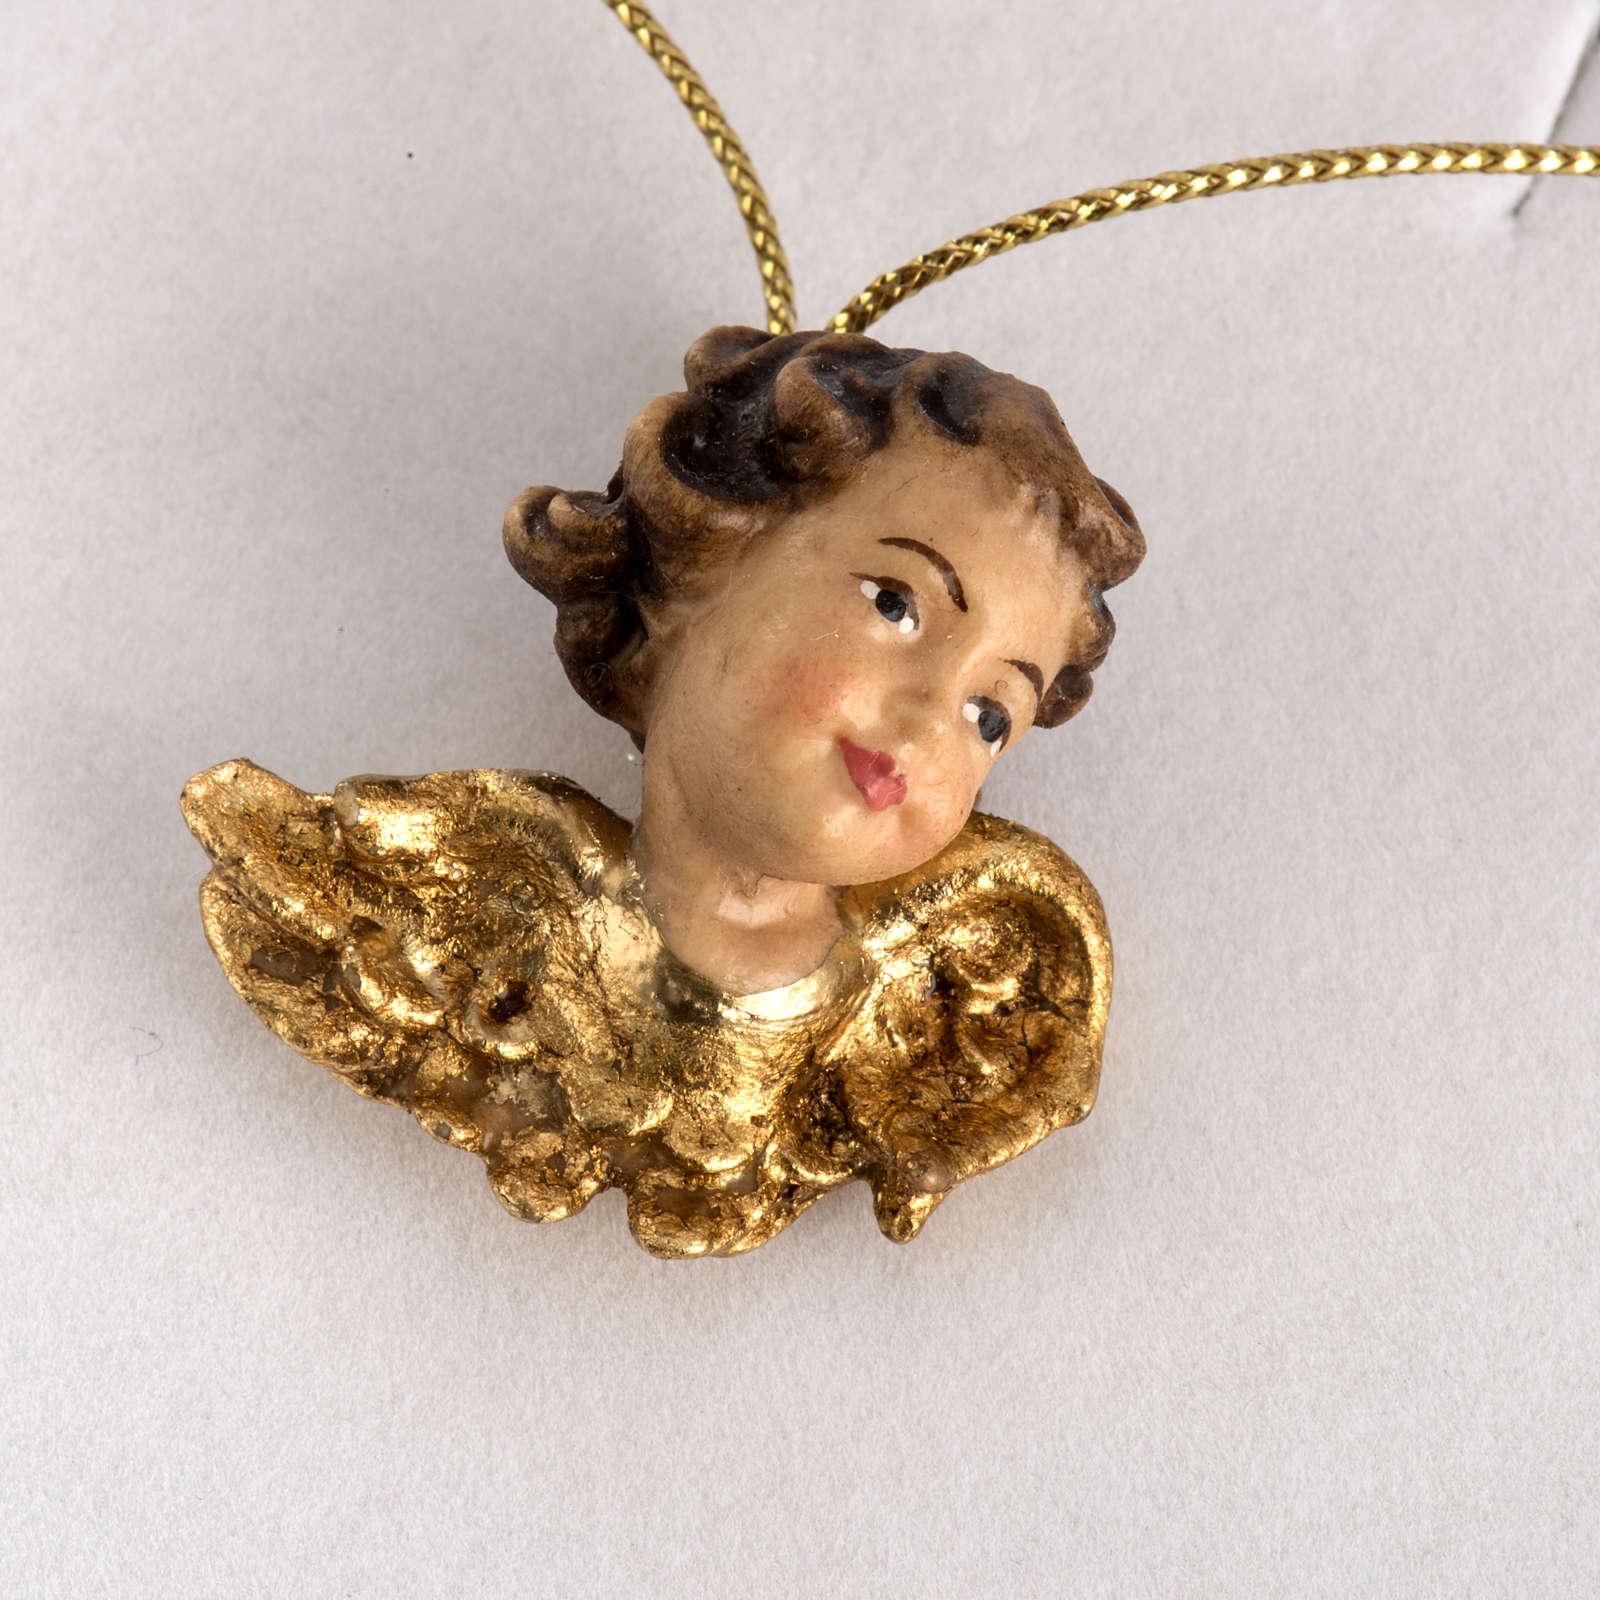 D coration sapin no l t te d 39 ange ailes dor es vente en ligne sur holyart - Ange sapin noel ...